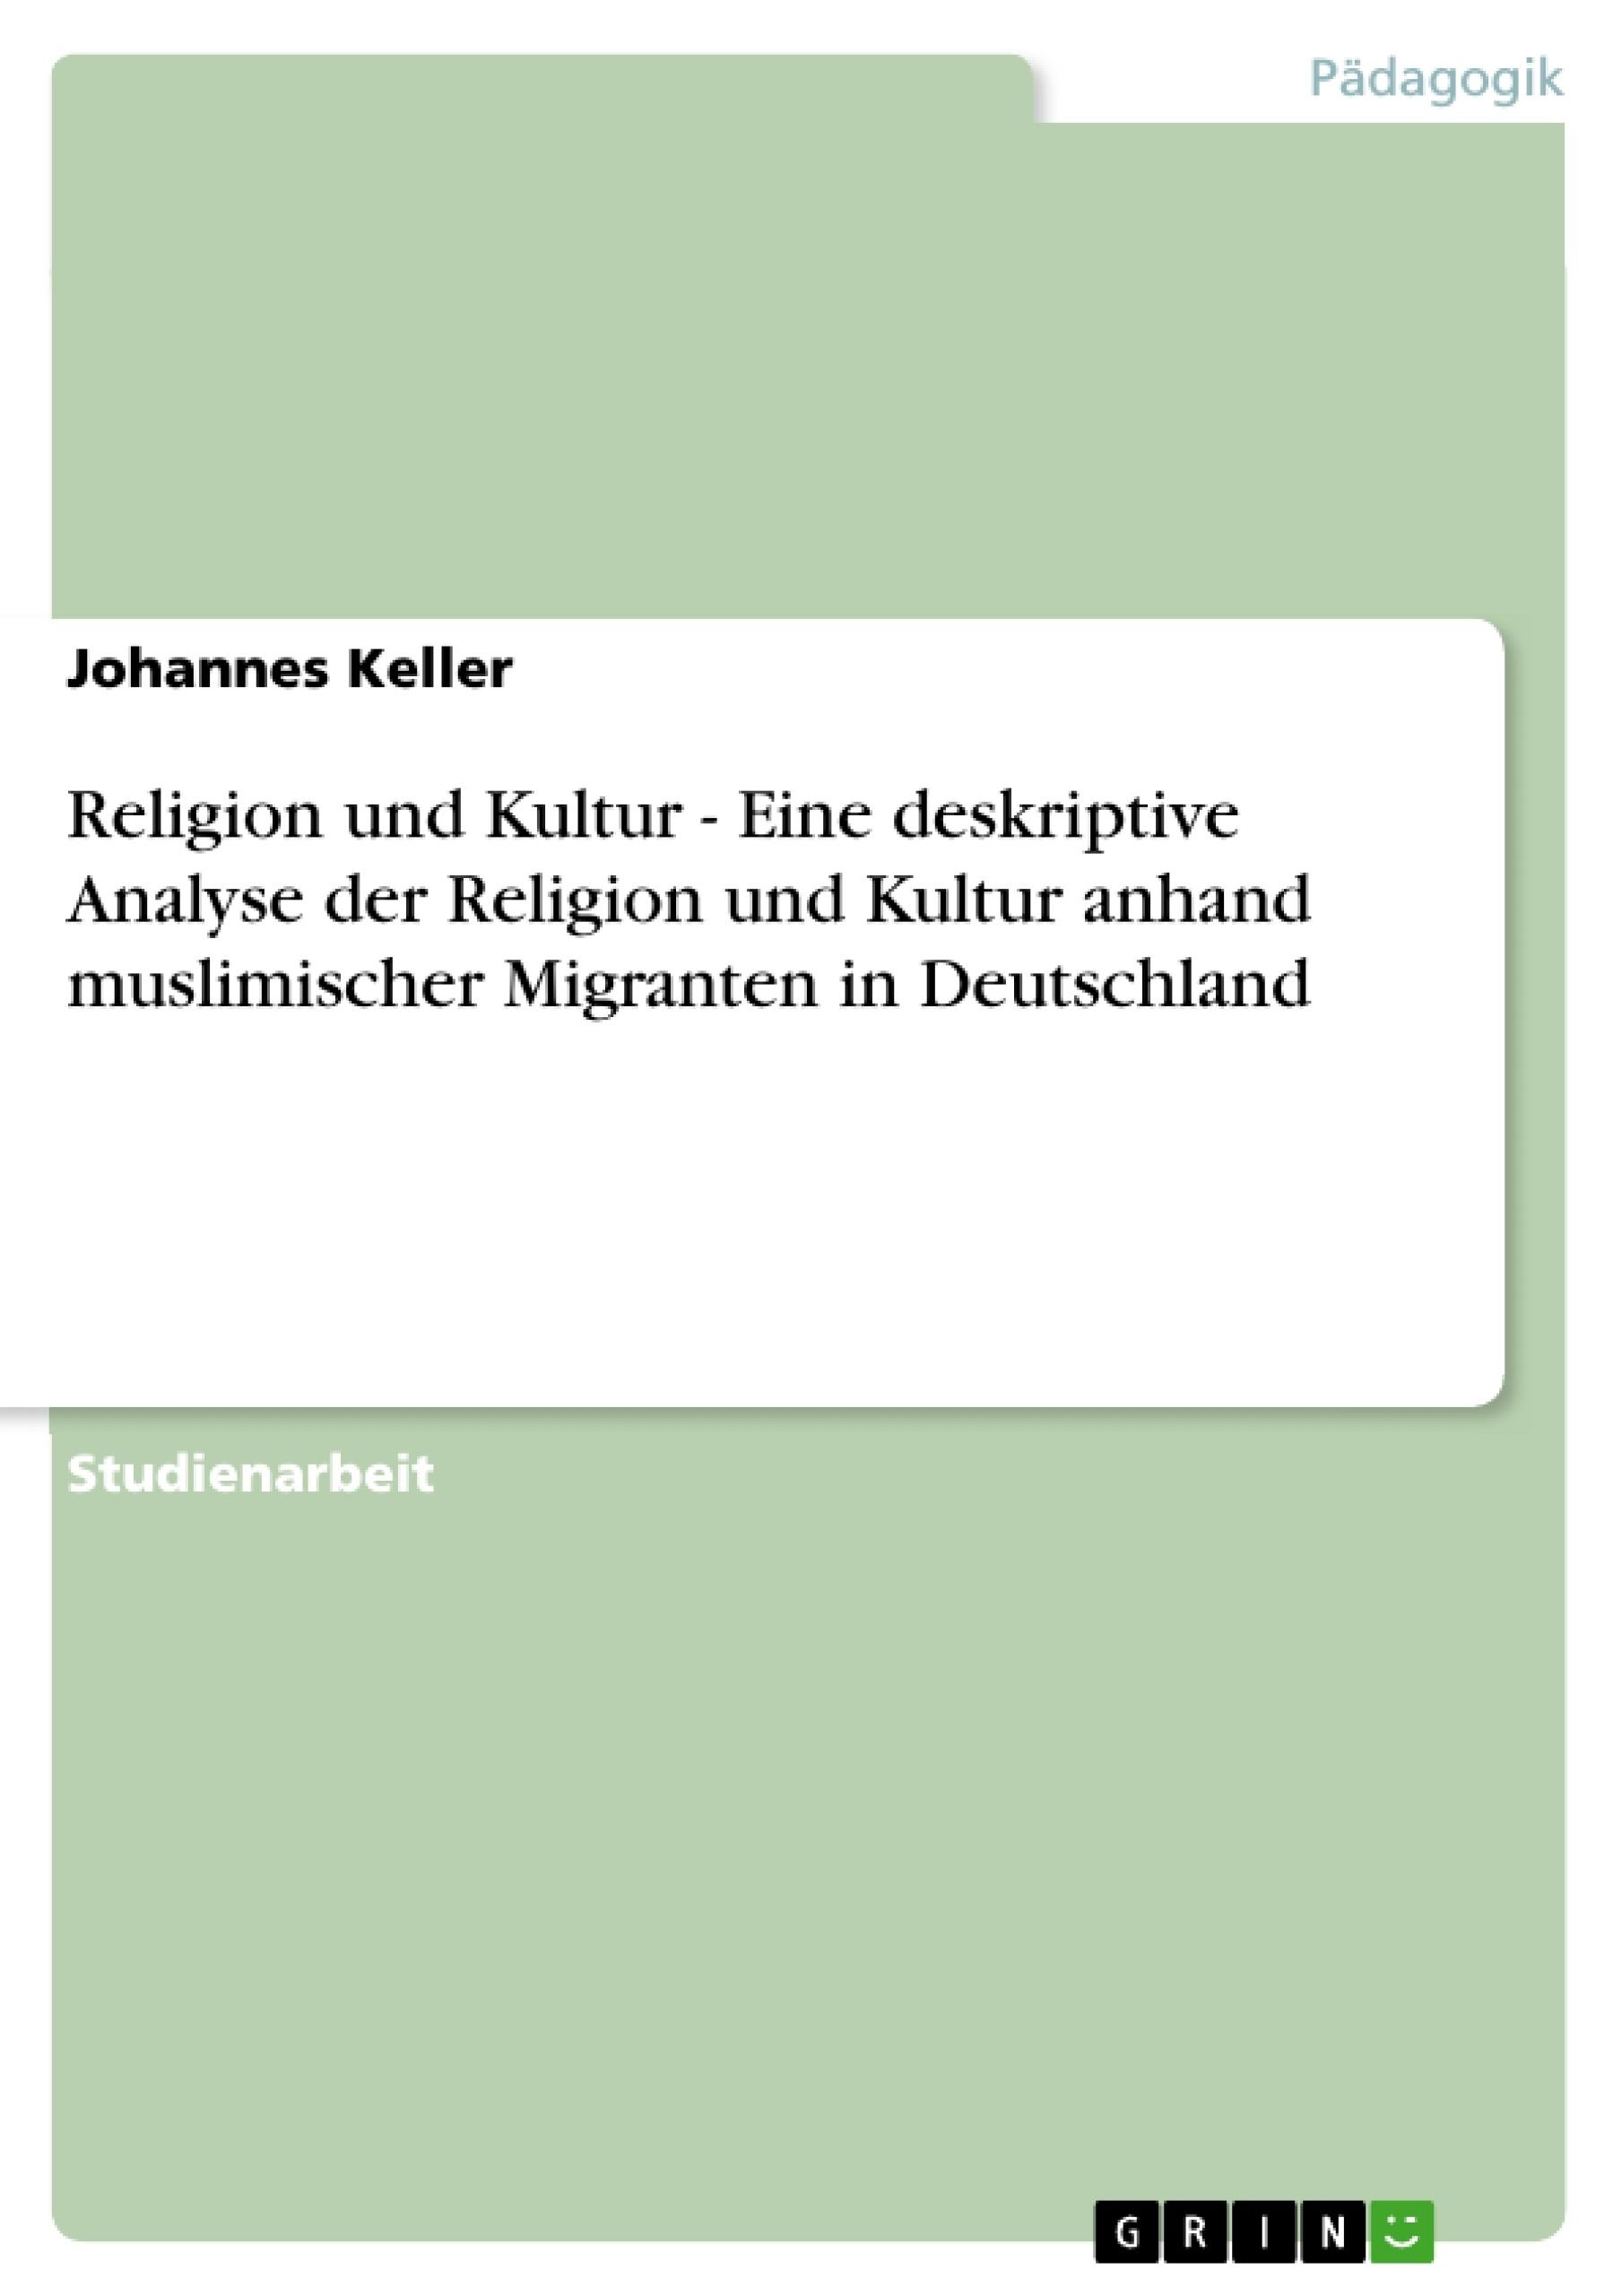 Titel: Religion und Kultur - Eine deskriptive Analyse der Religion und Kultur anhand muslimischer Migranten in Deutschland